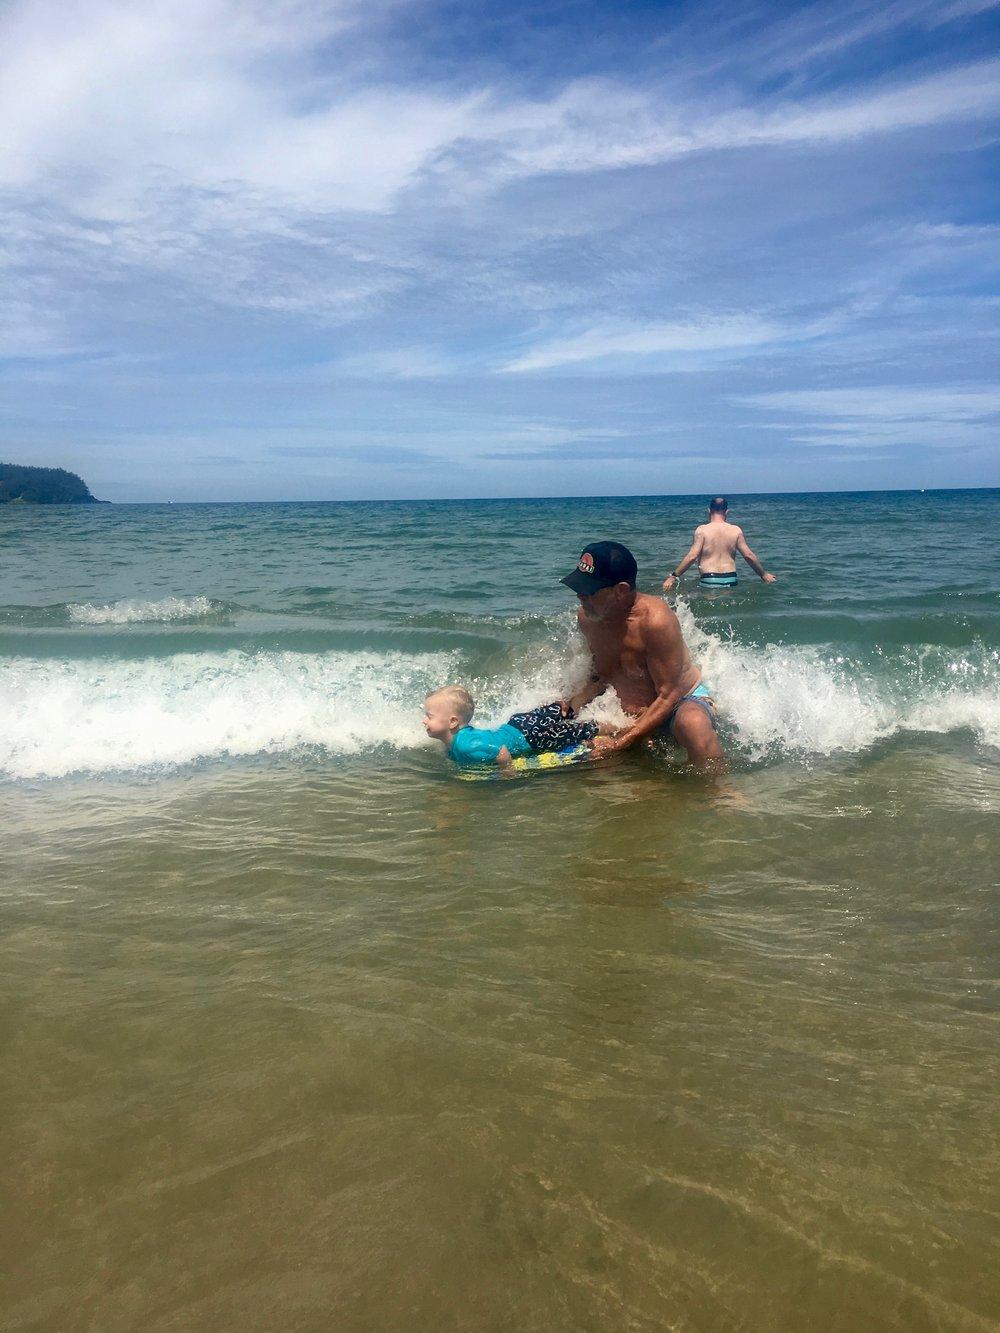 Boogie Boarding at Hanalei Beach